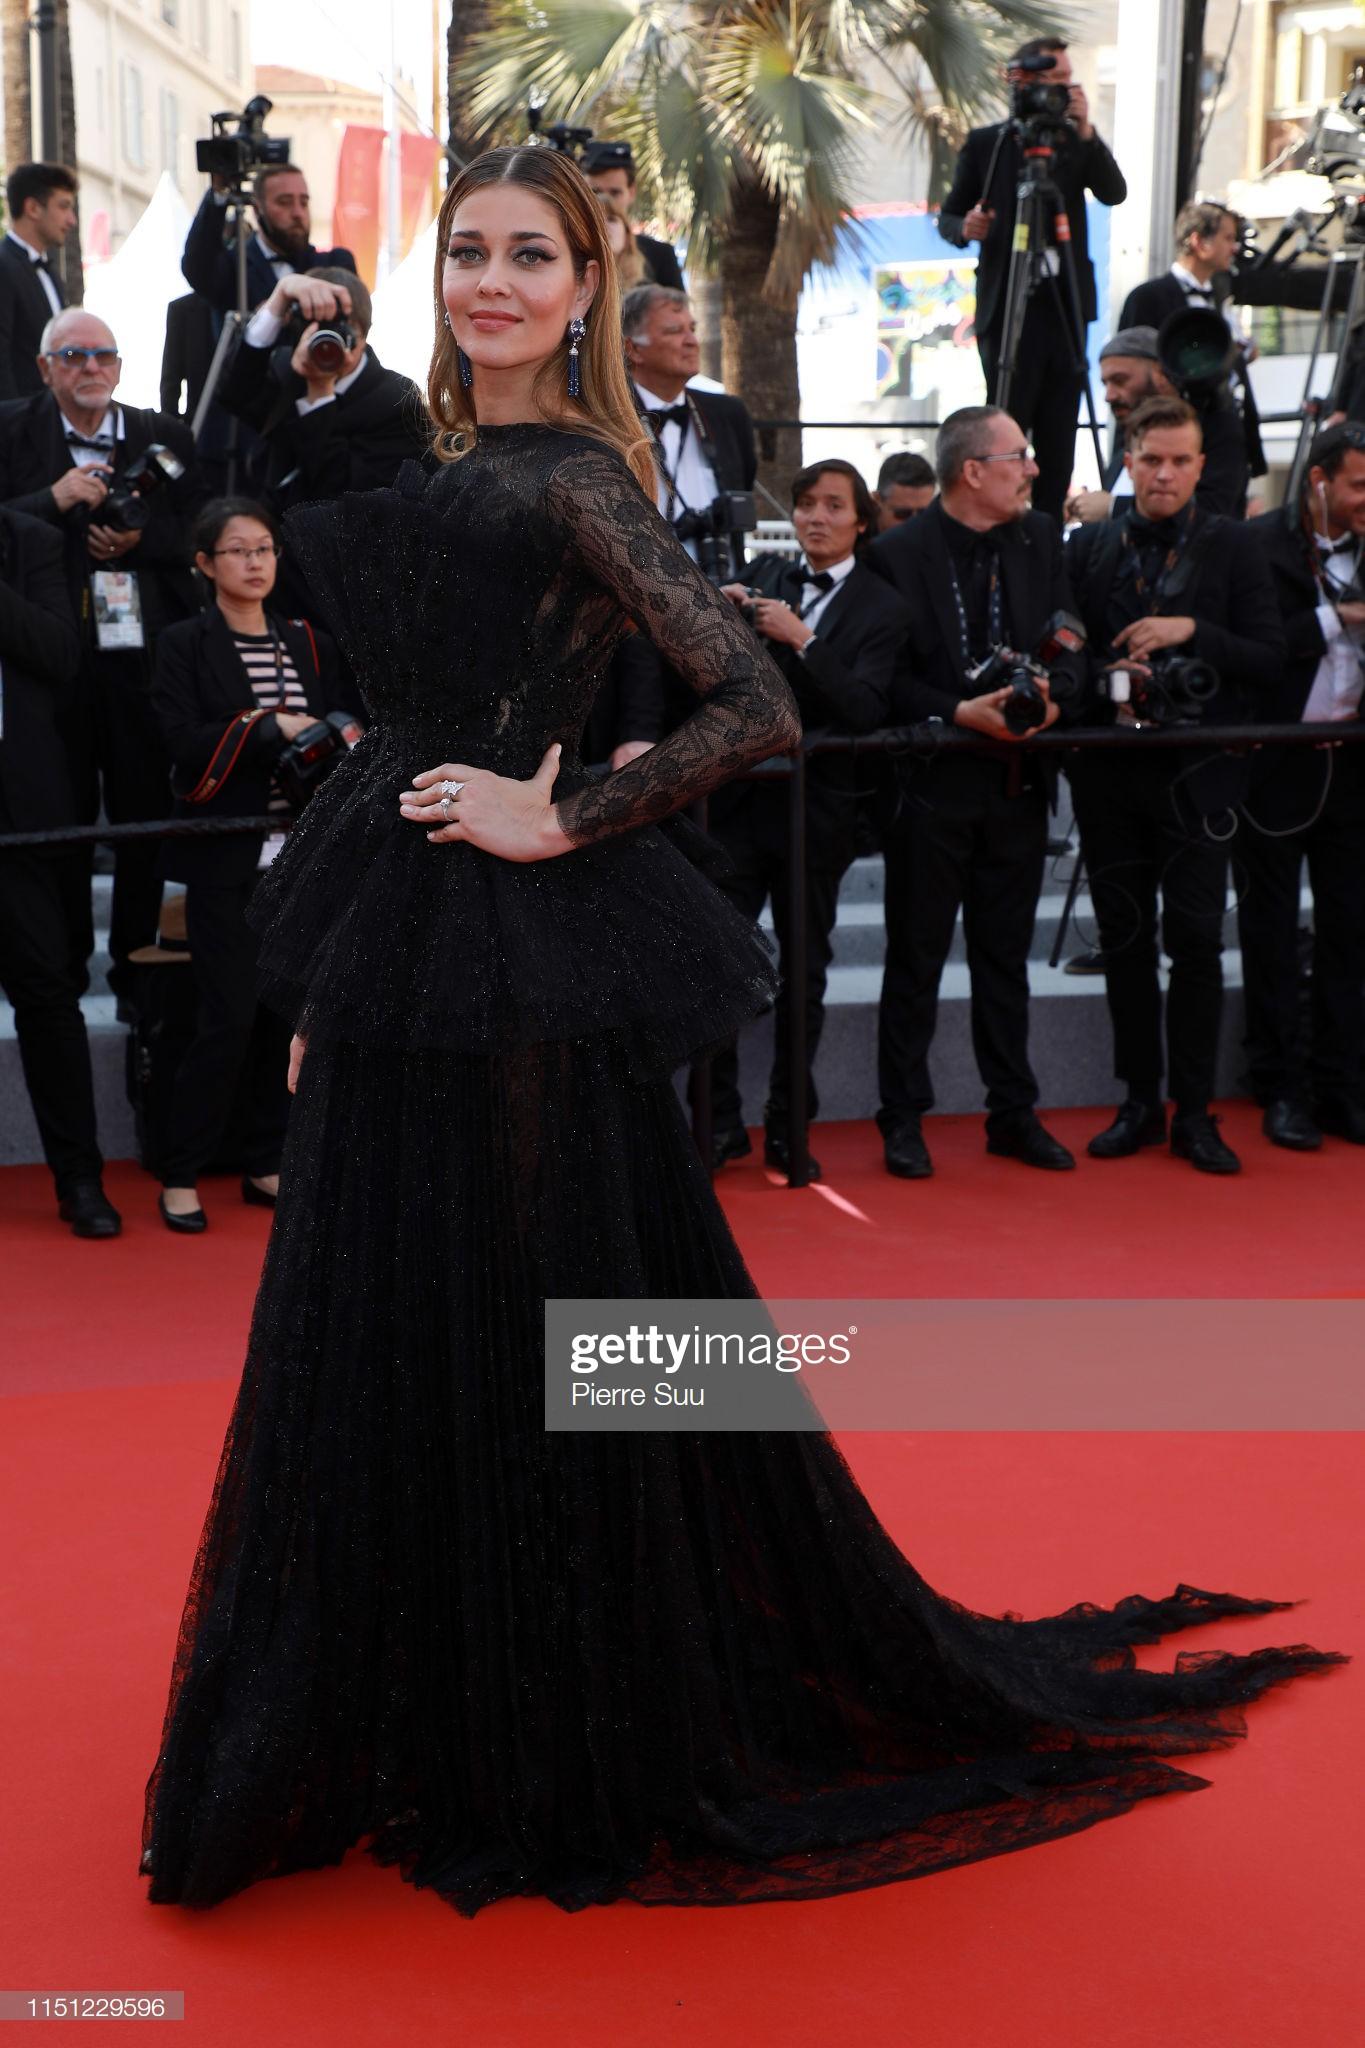 Thảm đỏ Cannes ngày 10: Các người đẹp thả rông ngực, cố tình làm trò lố vẫn bị truyền thông ngó lơ - Ảnh 14.